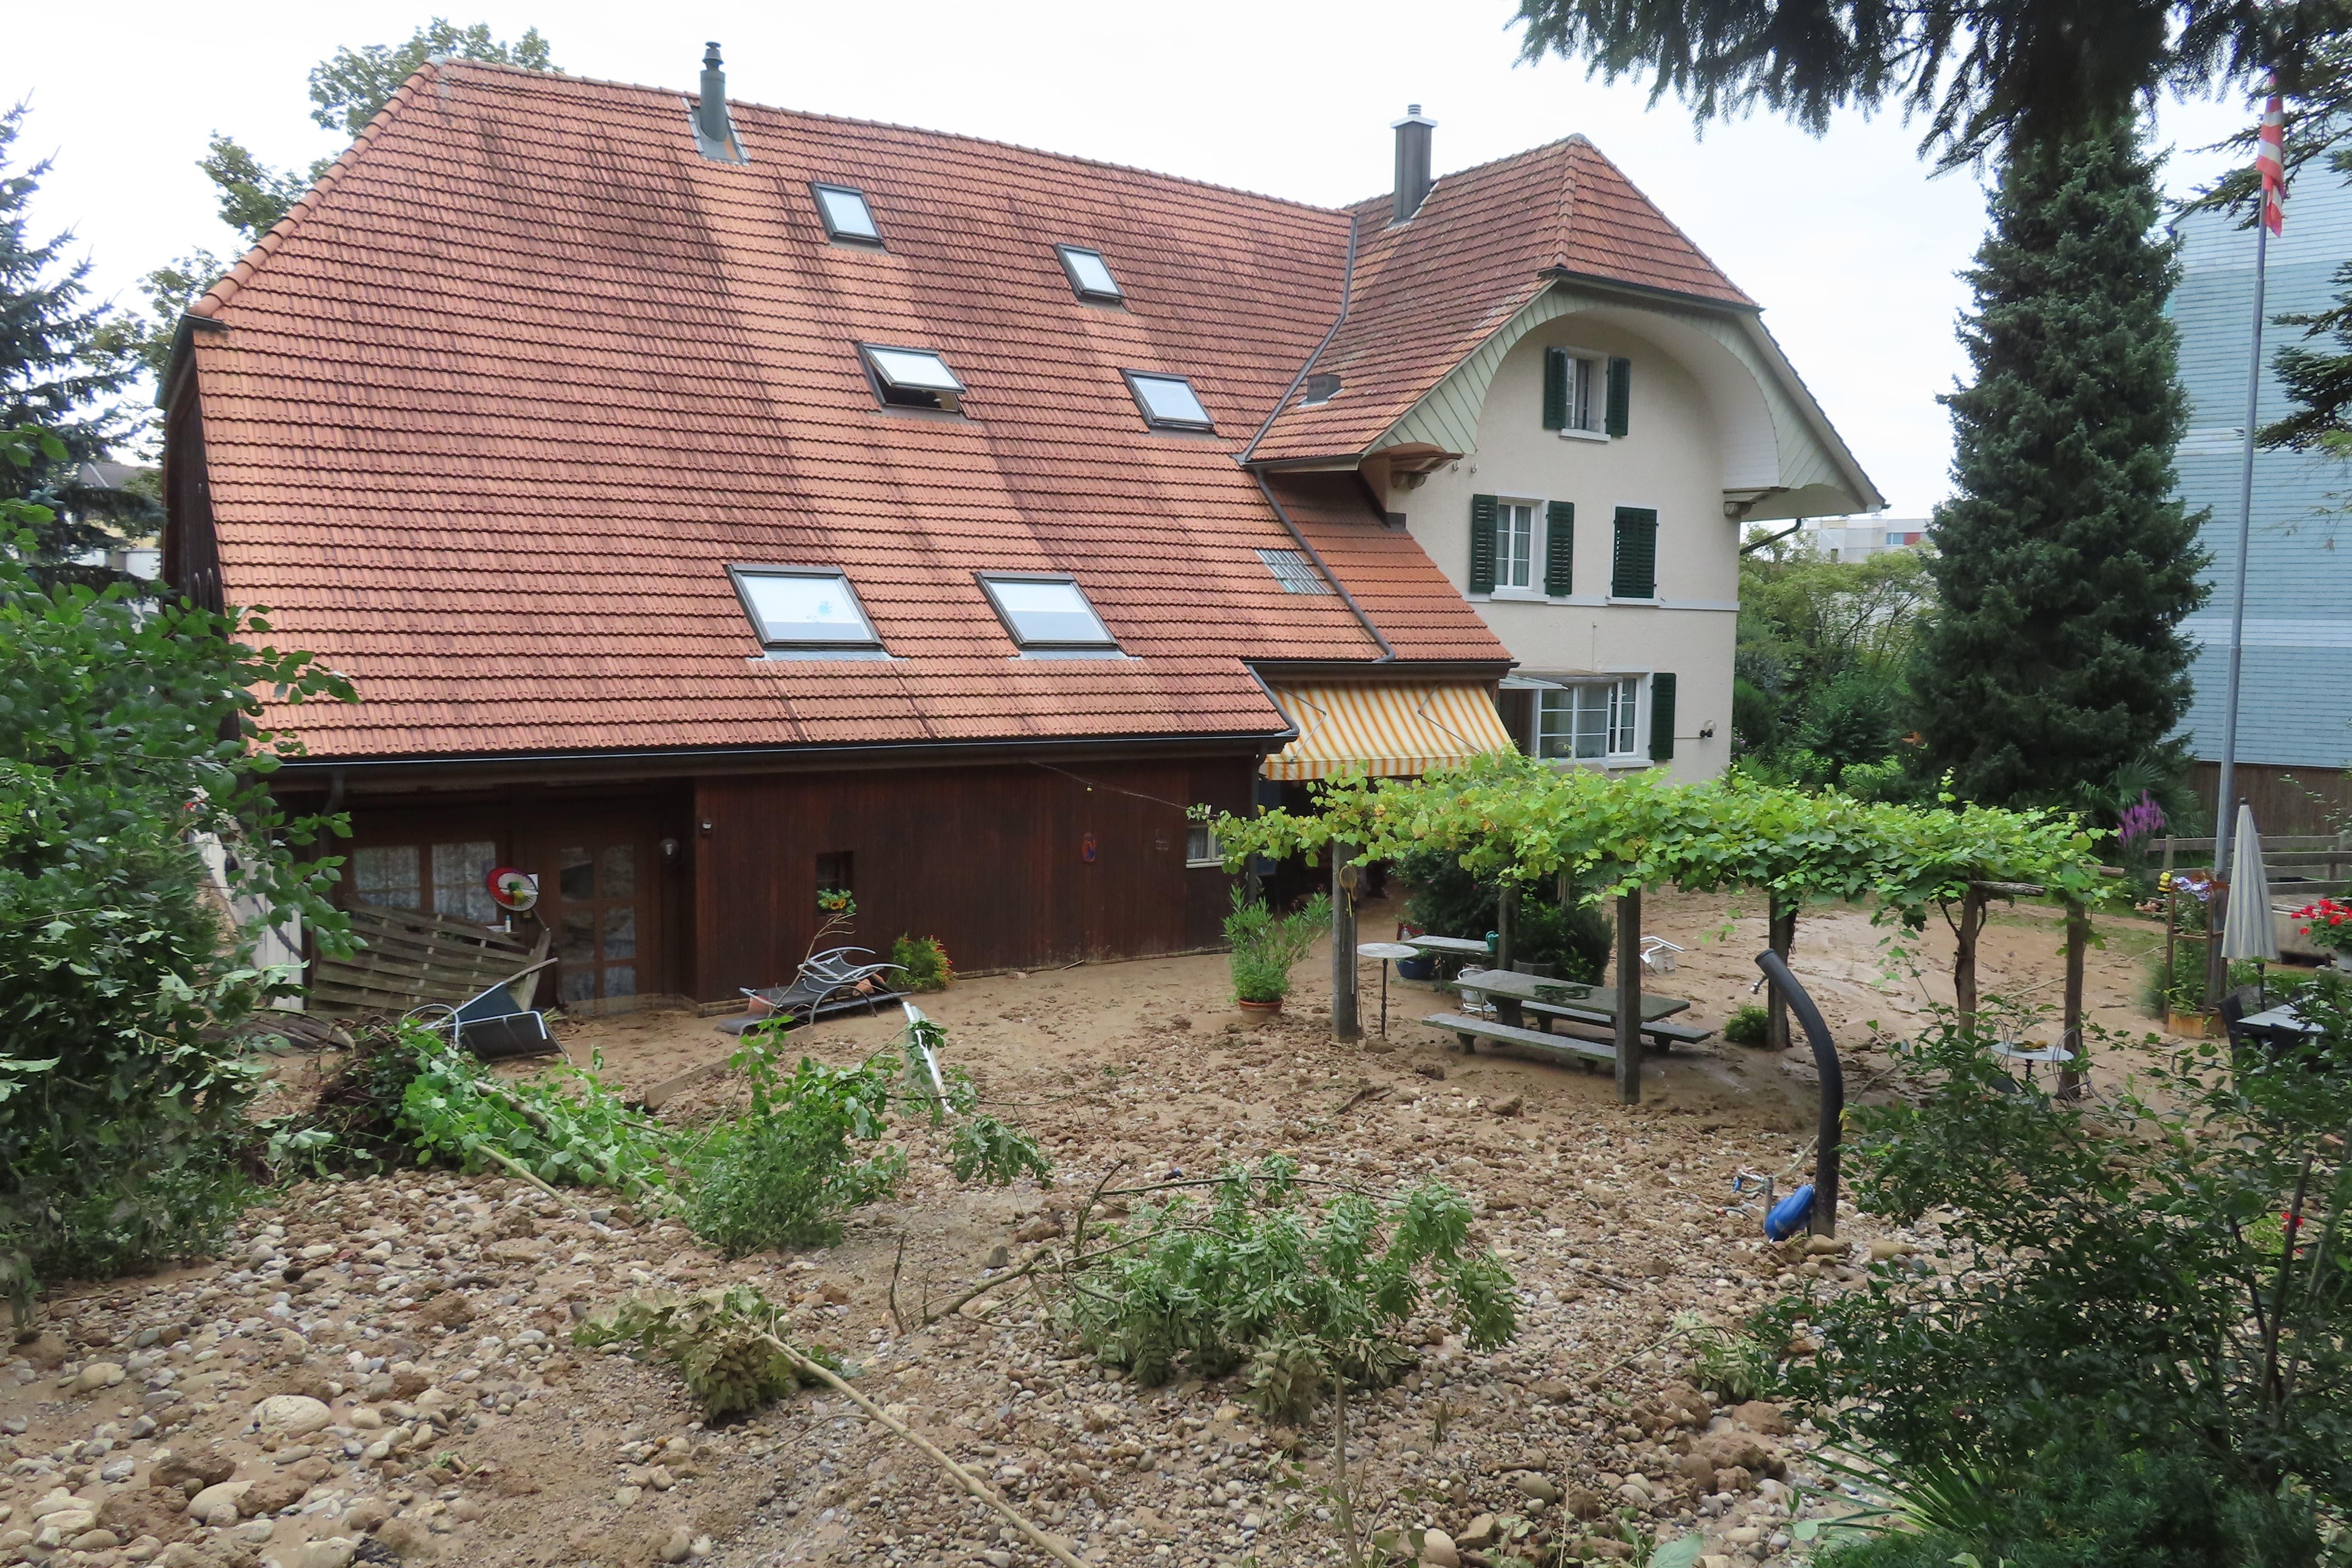 Der Garten von Cecilia und Anton Kaiser ist komplett verwüstet - vom Pool ist nichts mehr zu sehen.